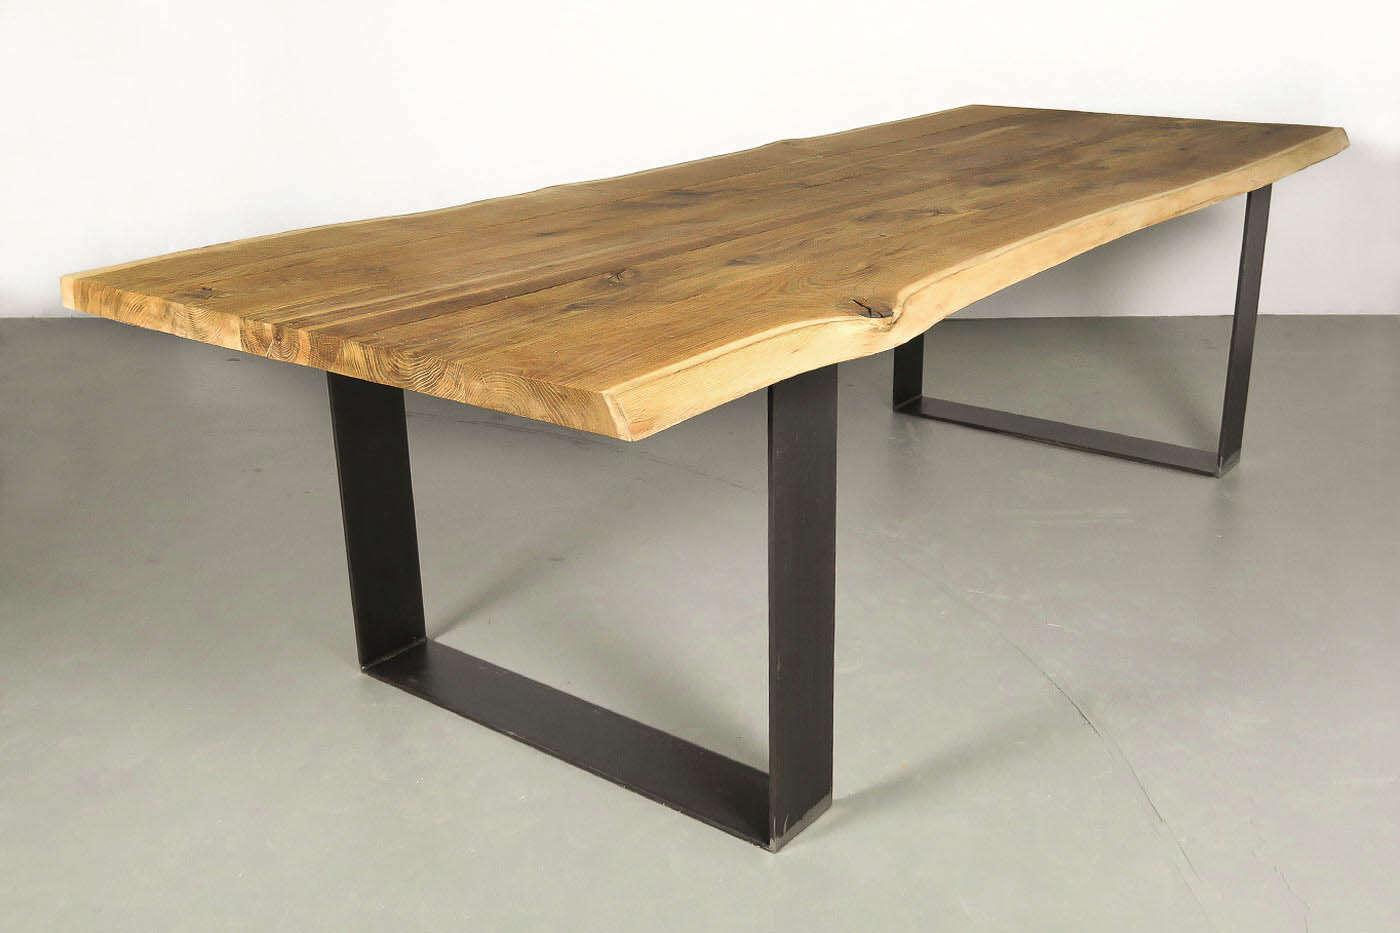 Kufen tischgestell stahl horten 15 wohnsektion for Holztisch eiche